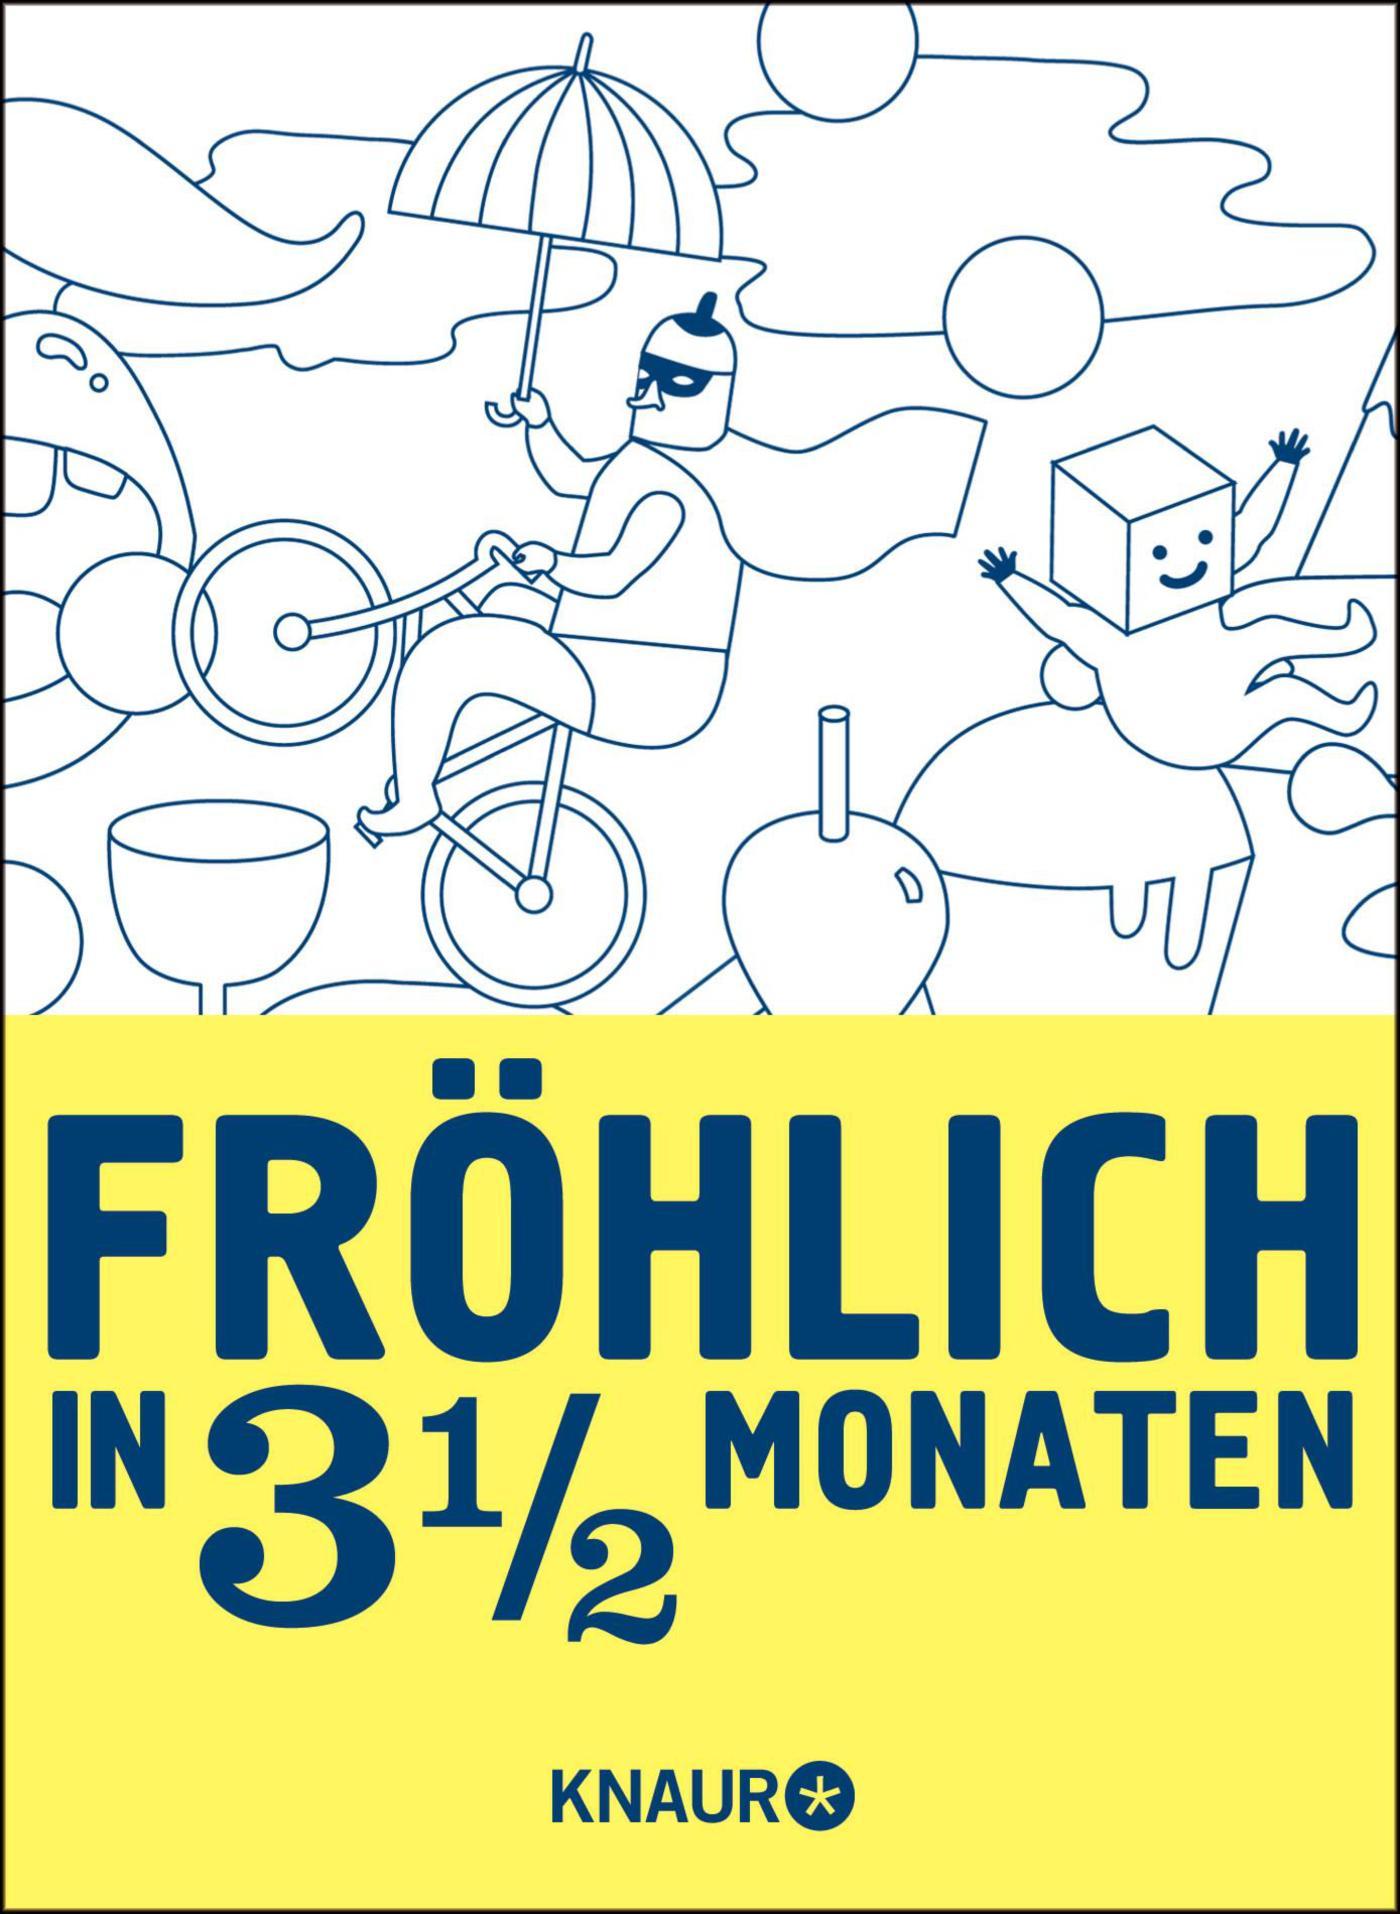 Fröhlich in 3 1/2 Monaten Gerard Janssen